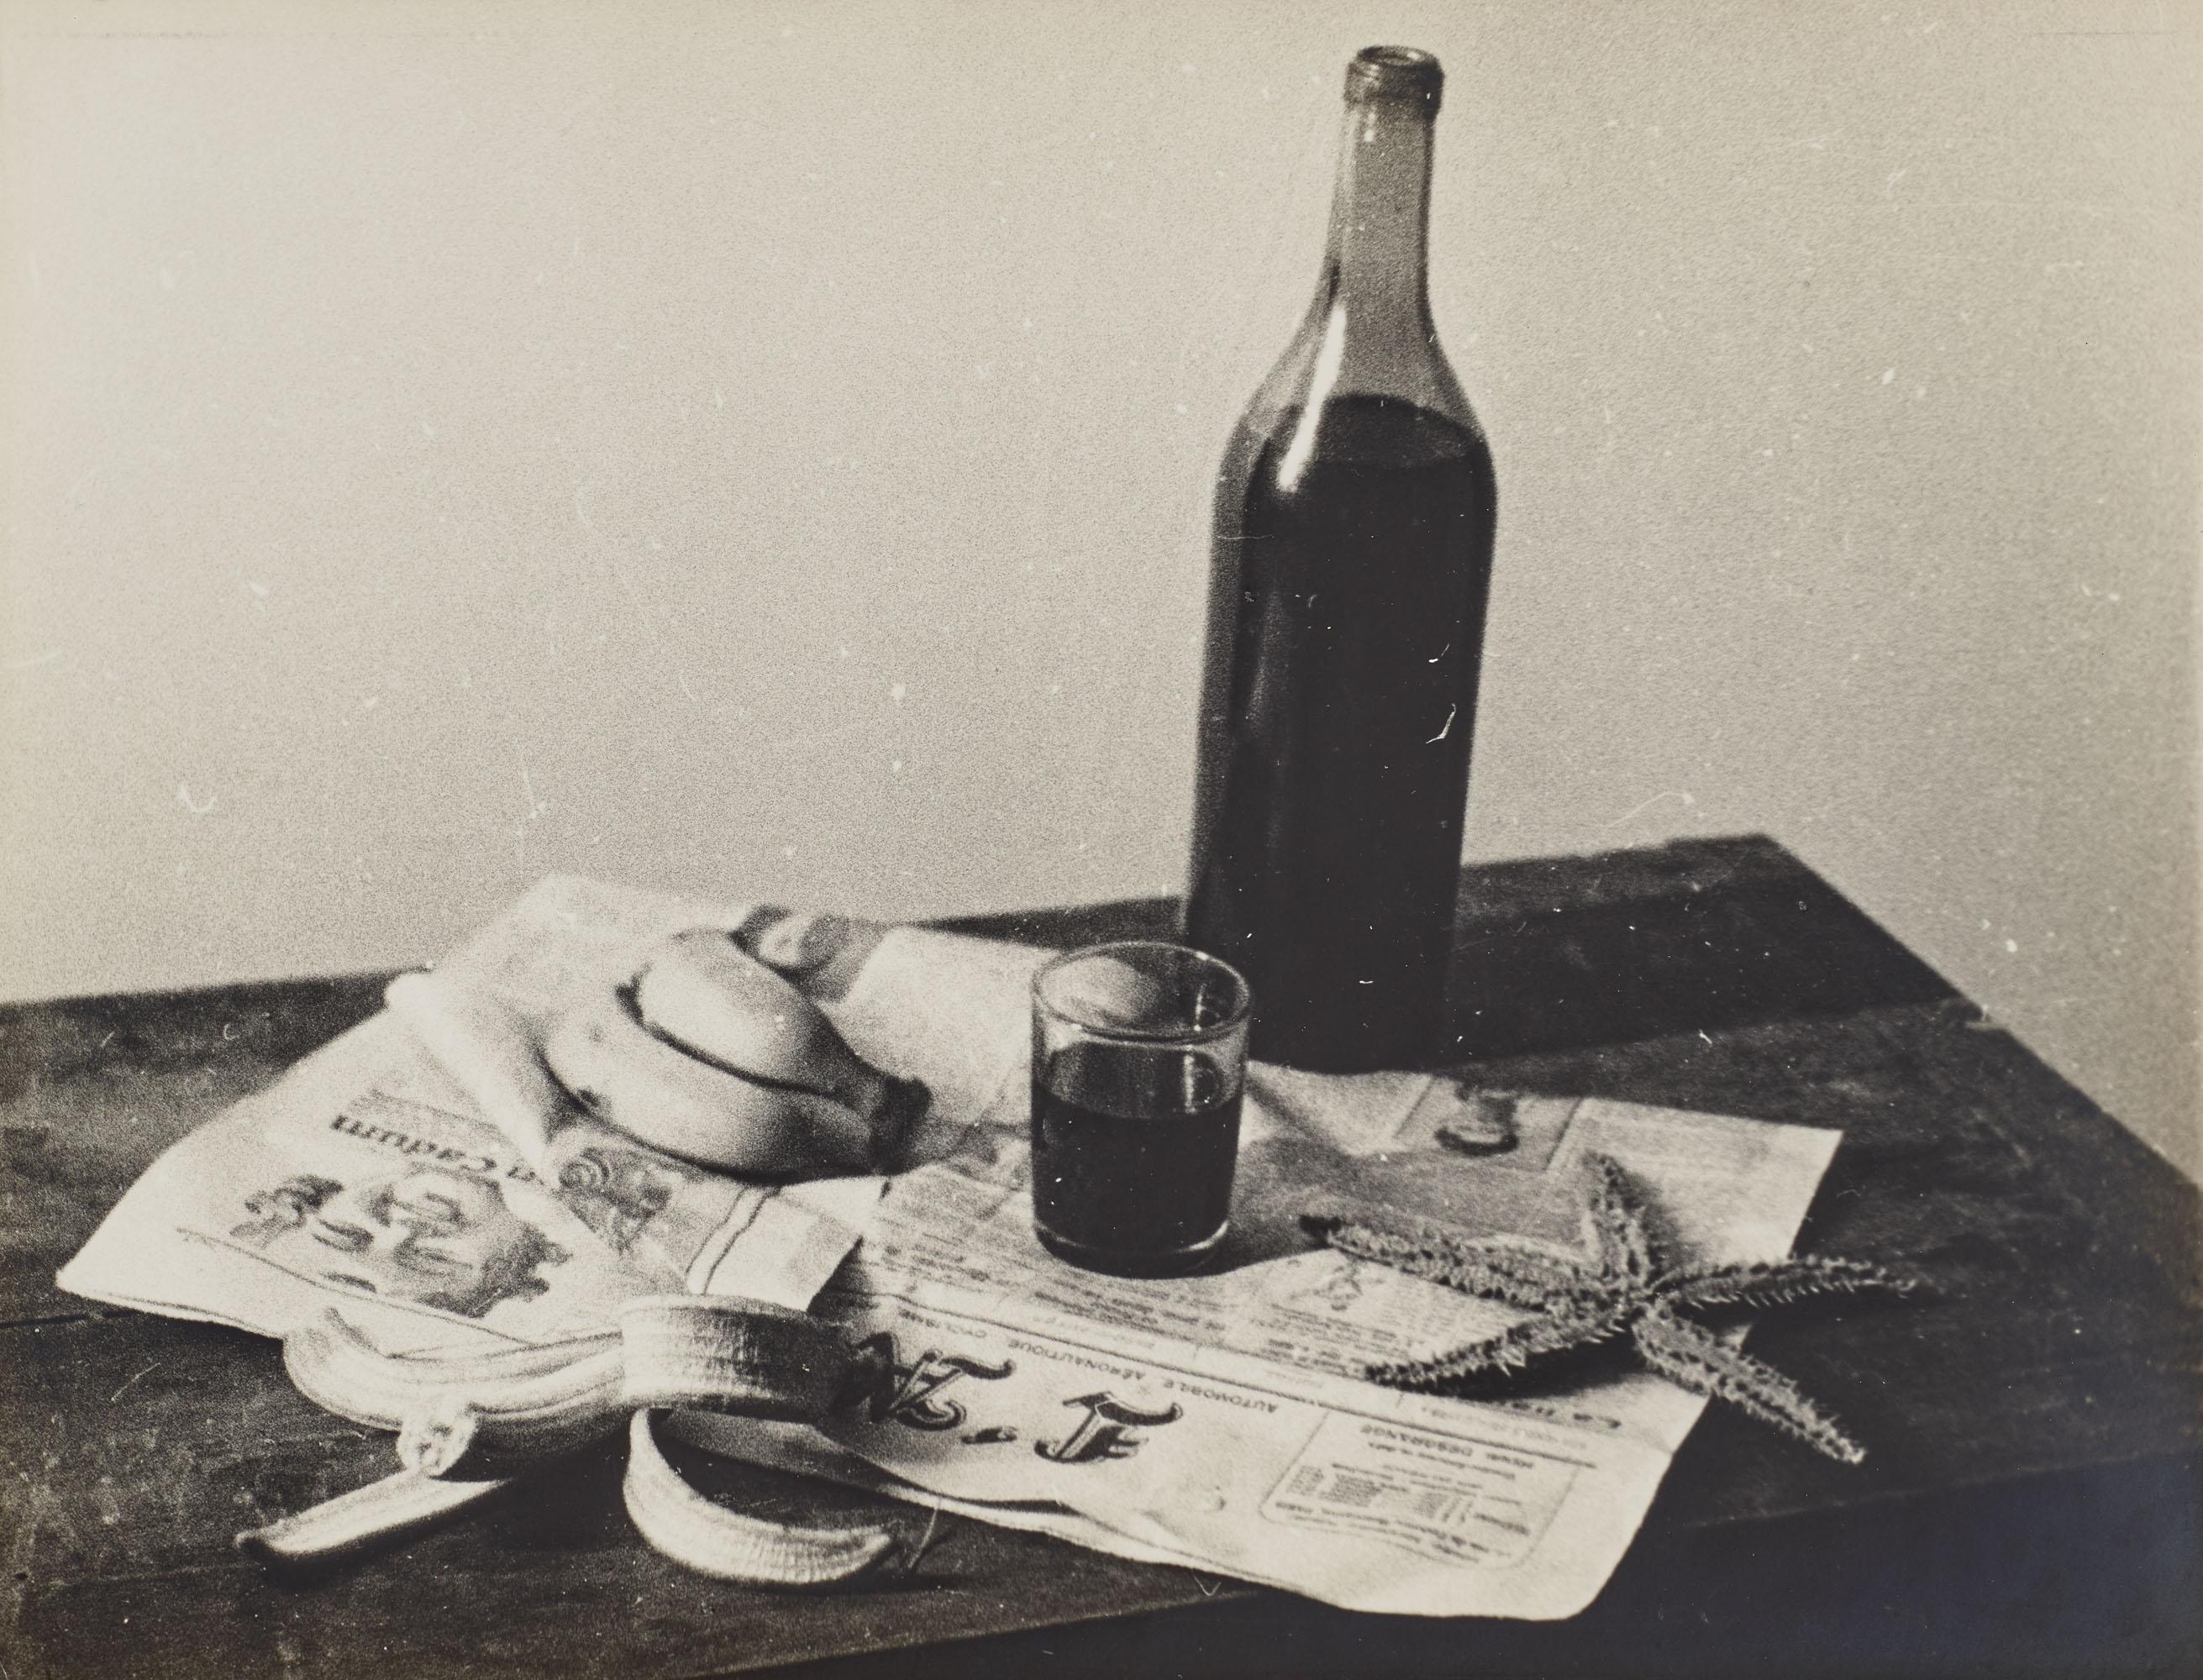 Man Ray (1890-1976), L'Etoile de mer, 1928. Gelatin silver print. 9 x 11¾ in (22.9 x 29.2cm). Estimate €8,000-10,000. Offered in Man Ray et les surréalistes. Collection Lucien et Edmonde Treillardon 2 March 2021at Christies in Paris